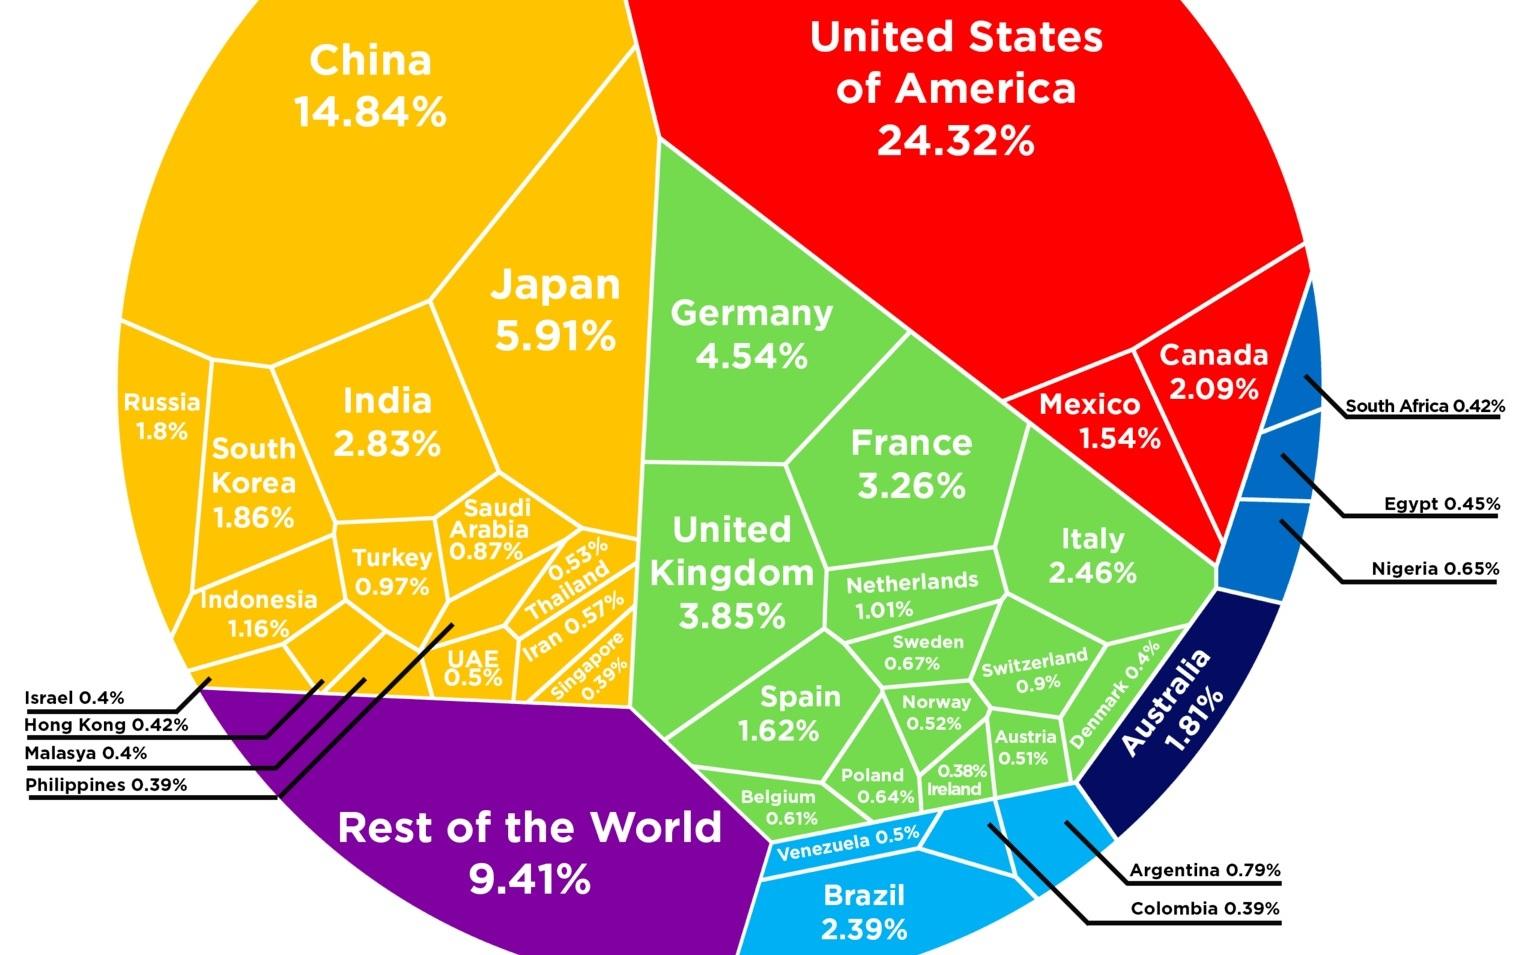 ԻՆՖՈԳՐԱՖԻԿԱ. Ինչպե՞ս է բաժանված համաշխարհային տնտեսությունը երկրների միջև